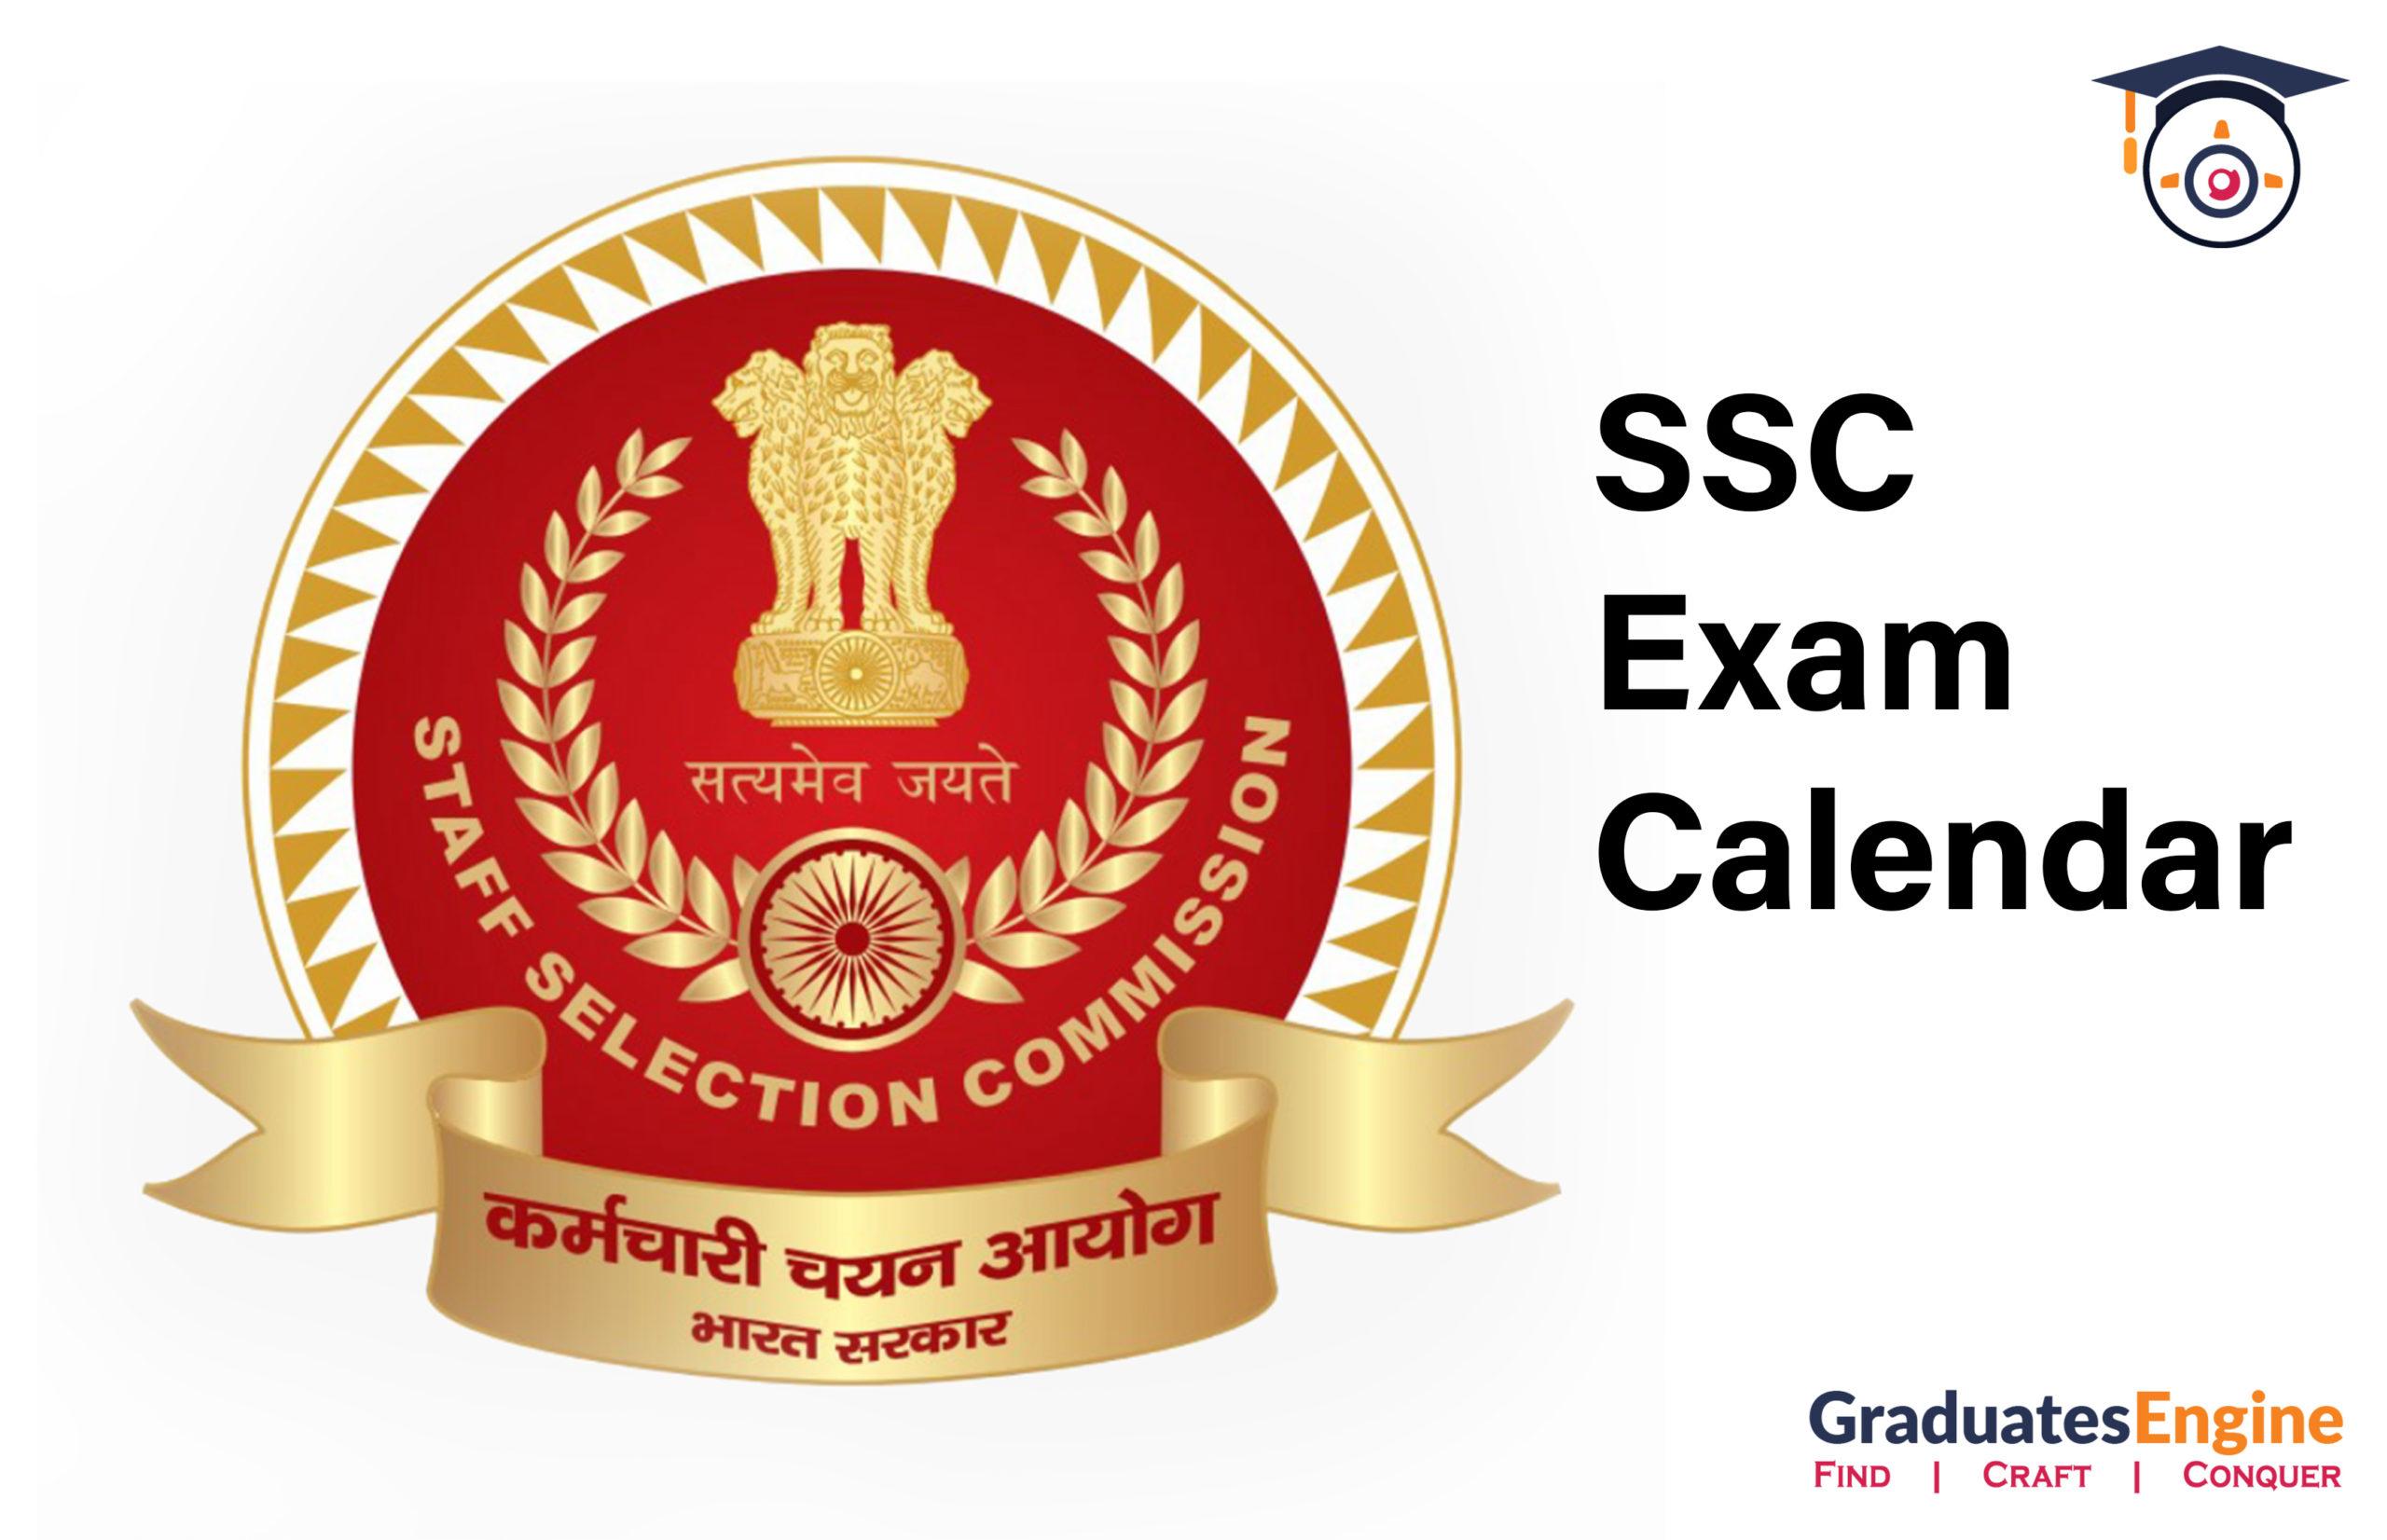 SSB Exam Calendar